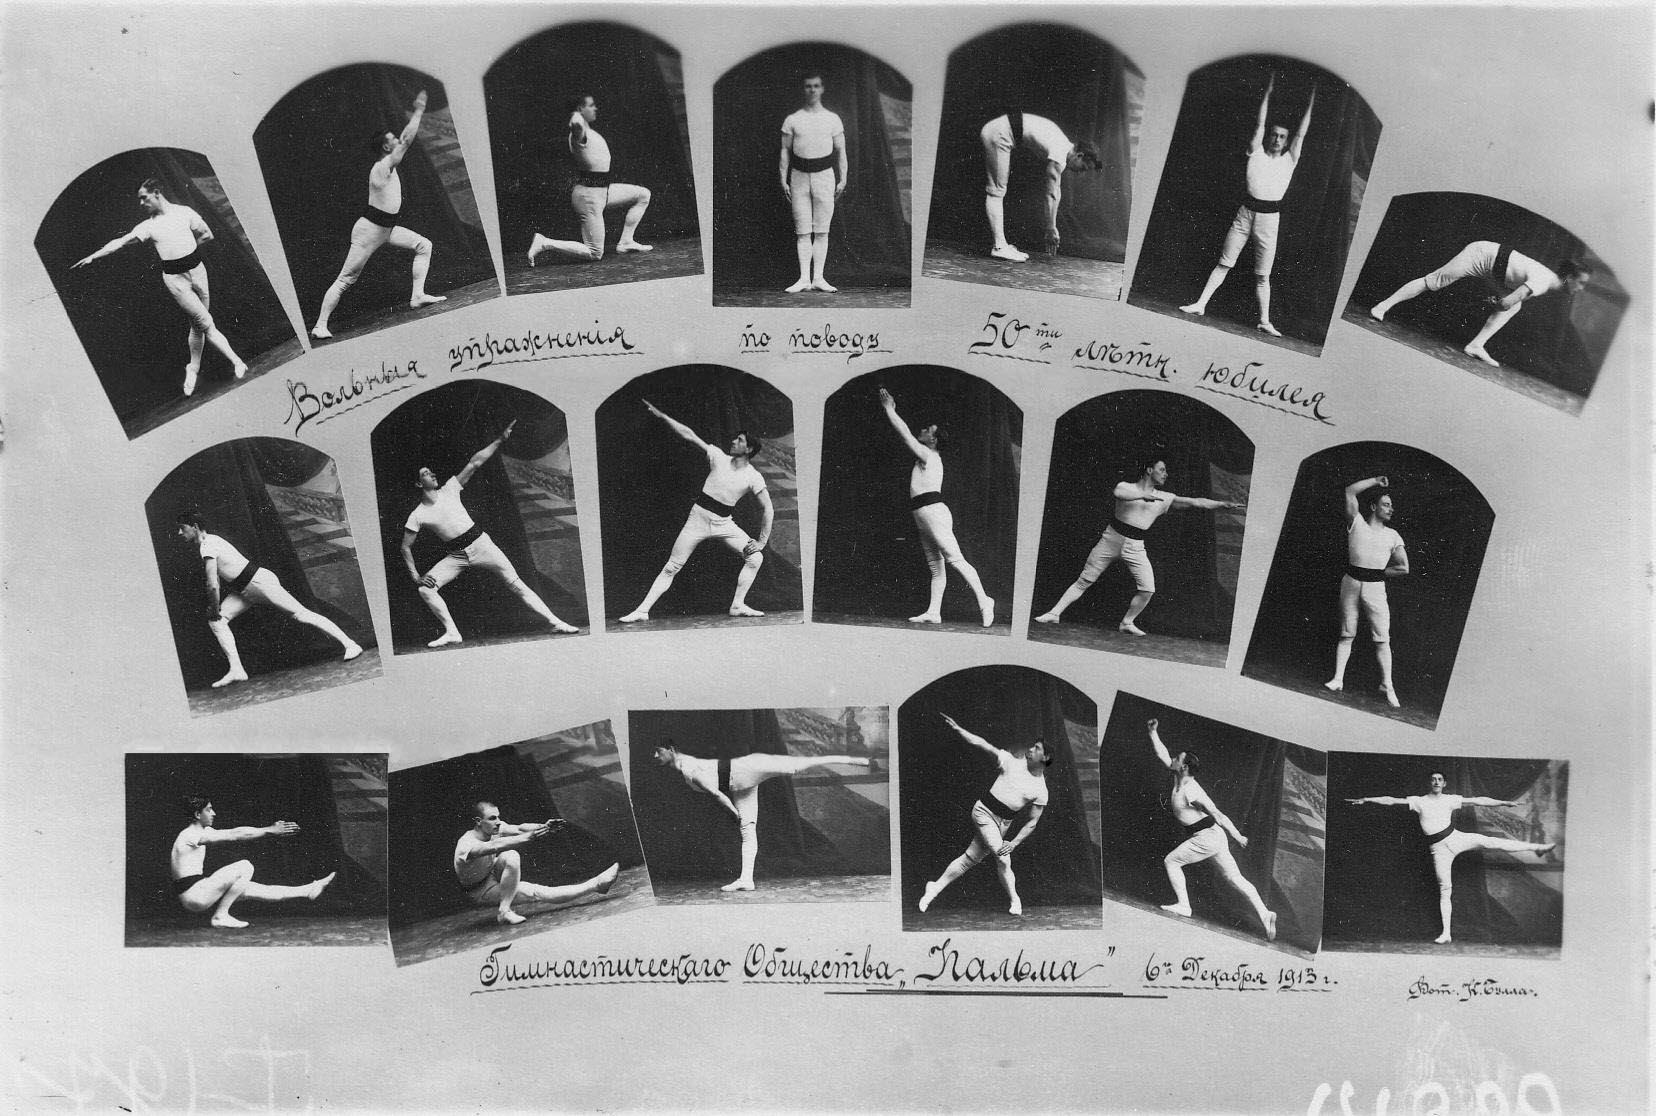 Схема вольных гимнастических упражнений, составленных для выступления в день празднования 50-го юбилея Гимнастического общества Пальма.  1913